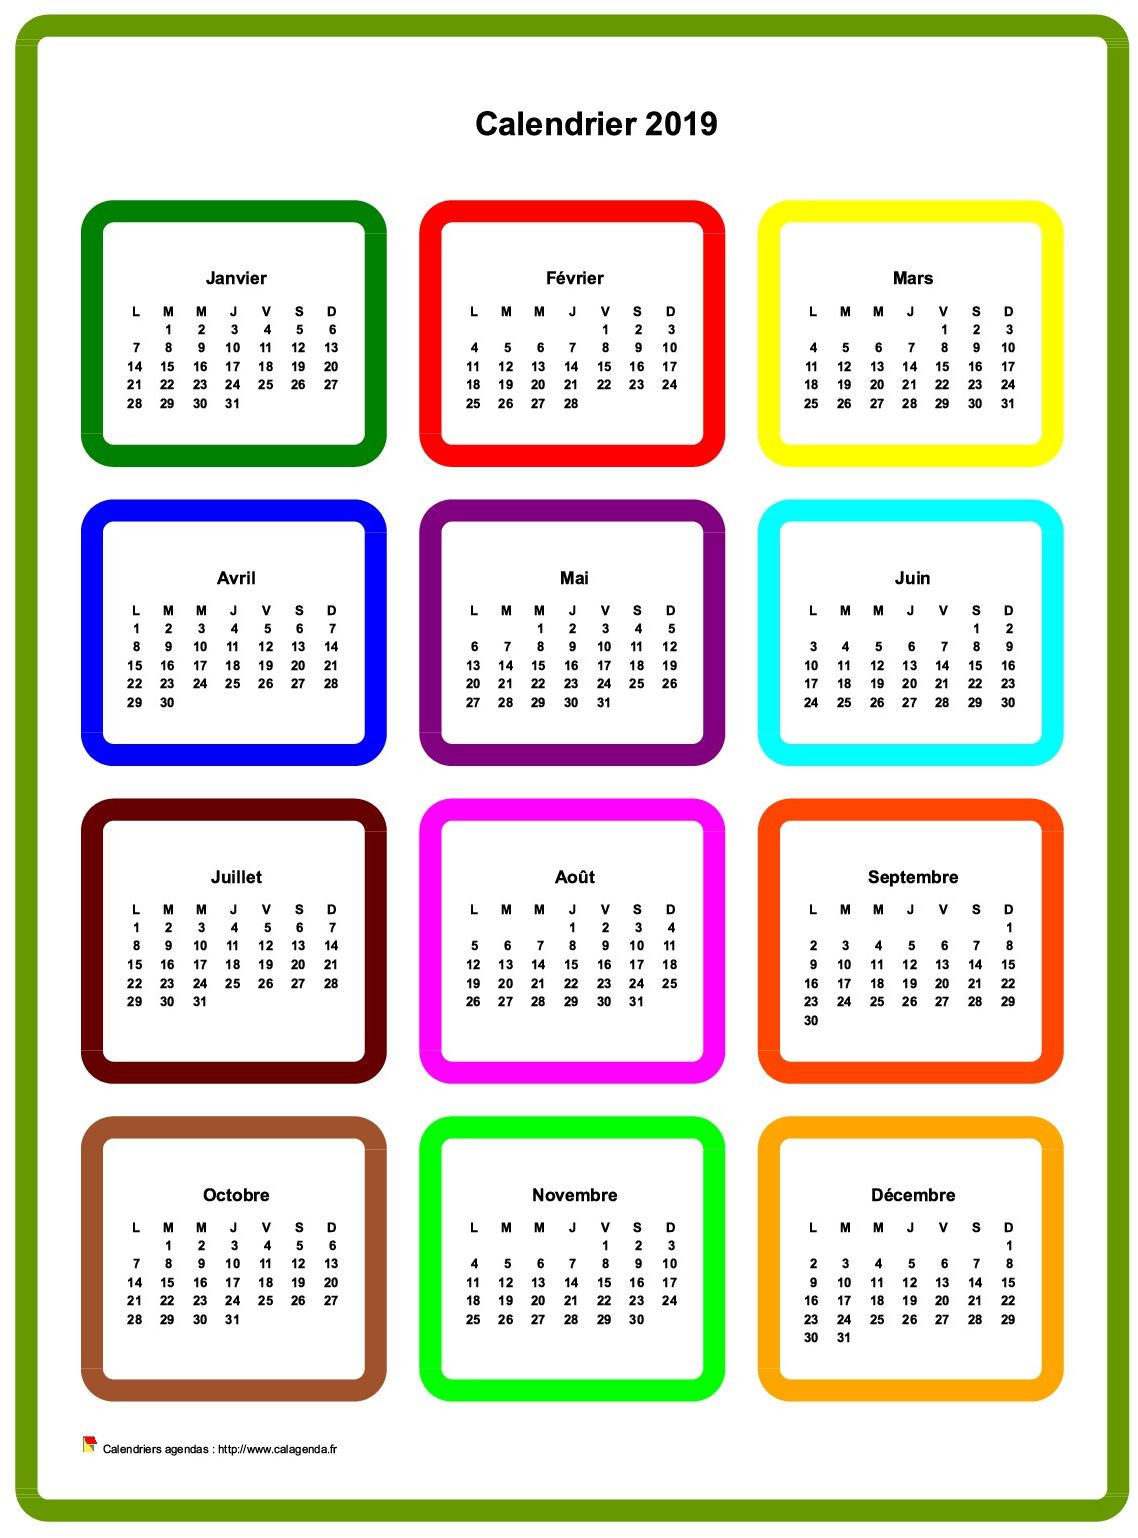 Calendrier 2019 annuel en couleurs